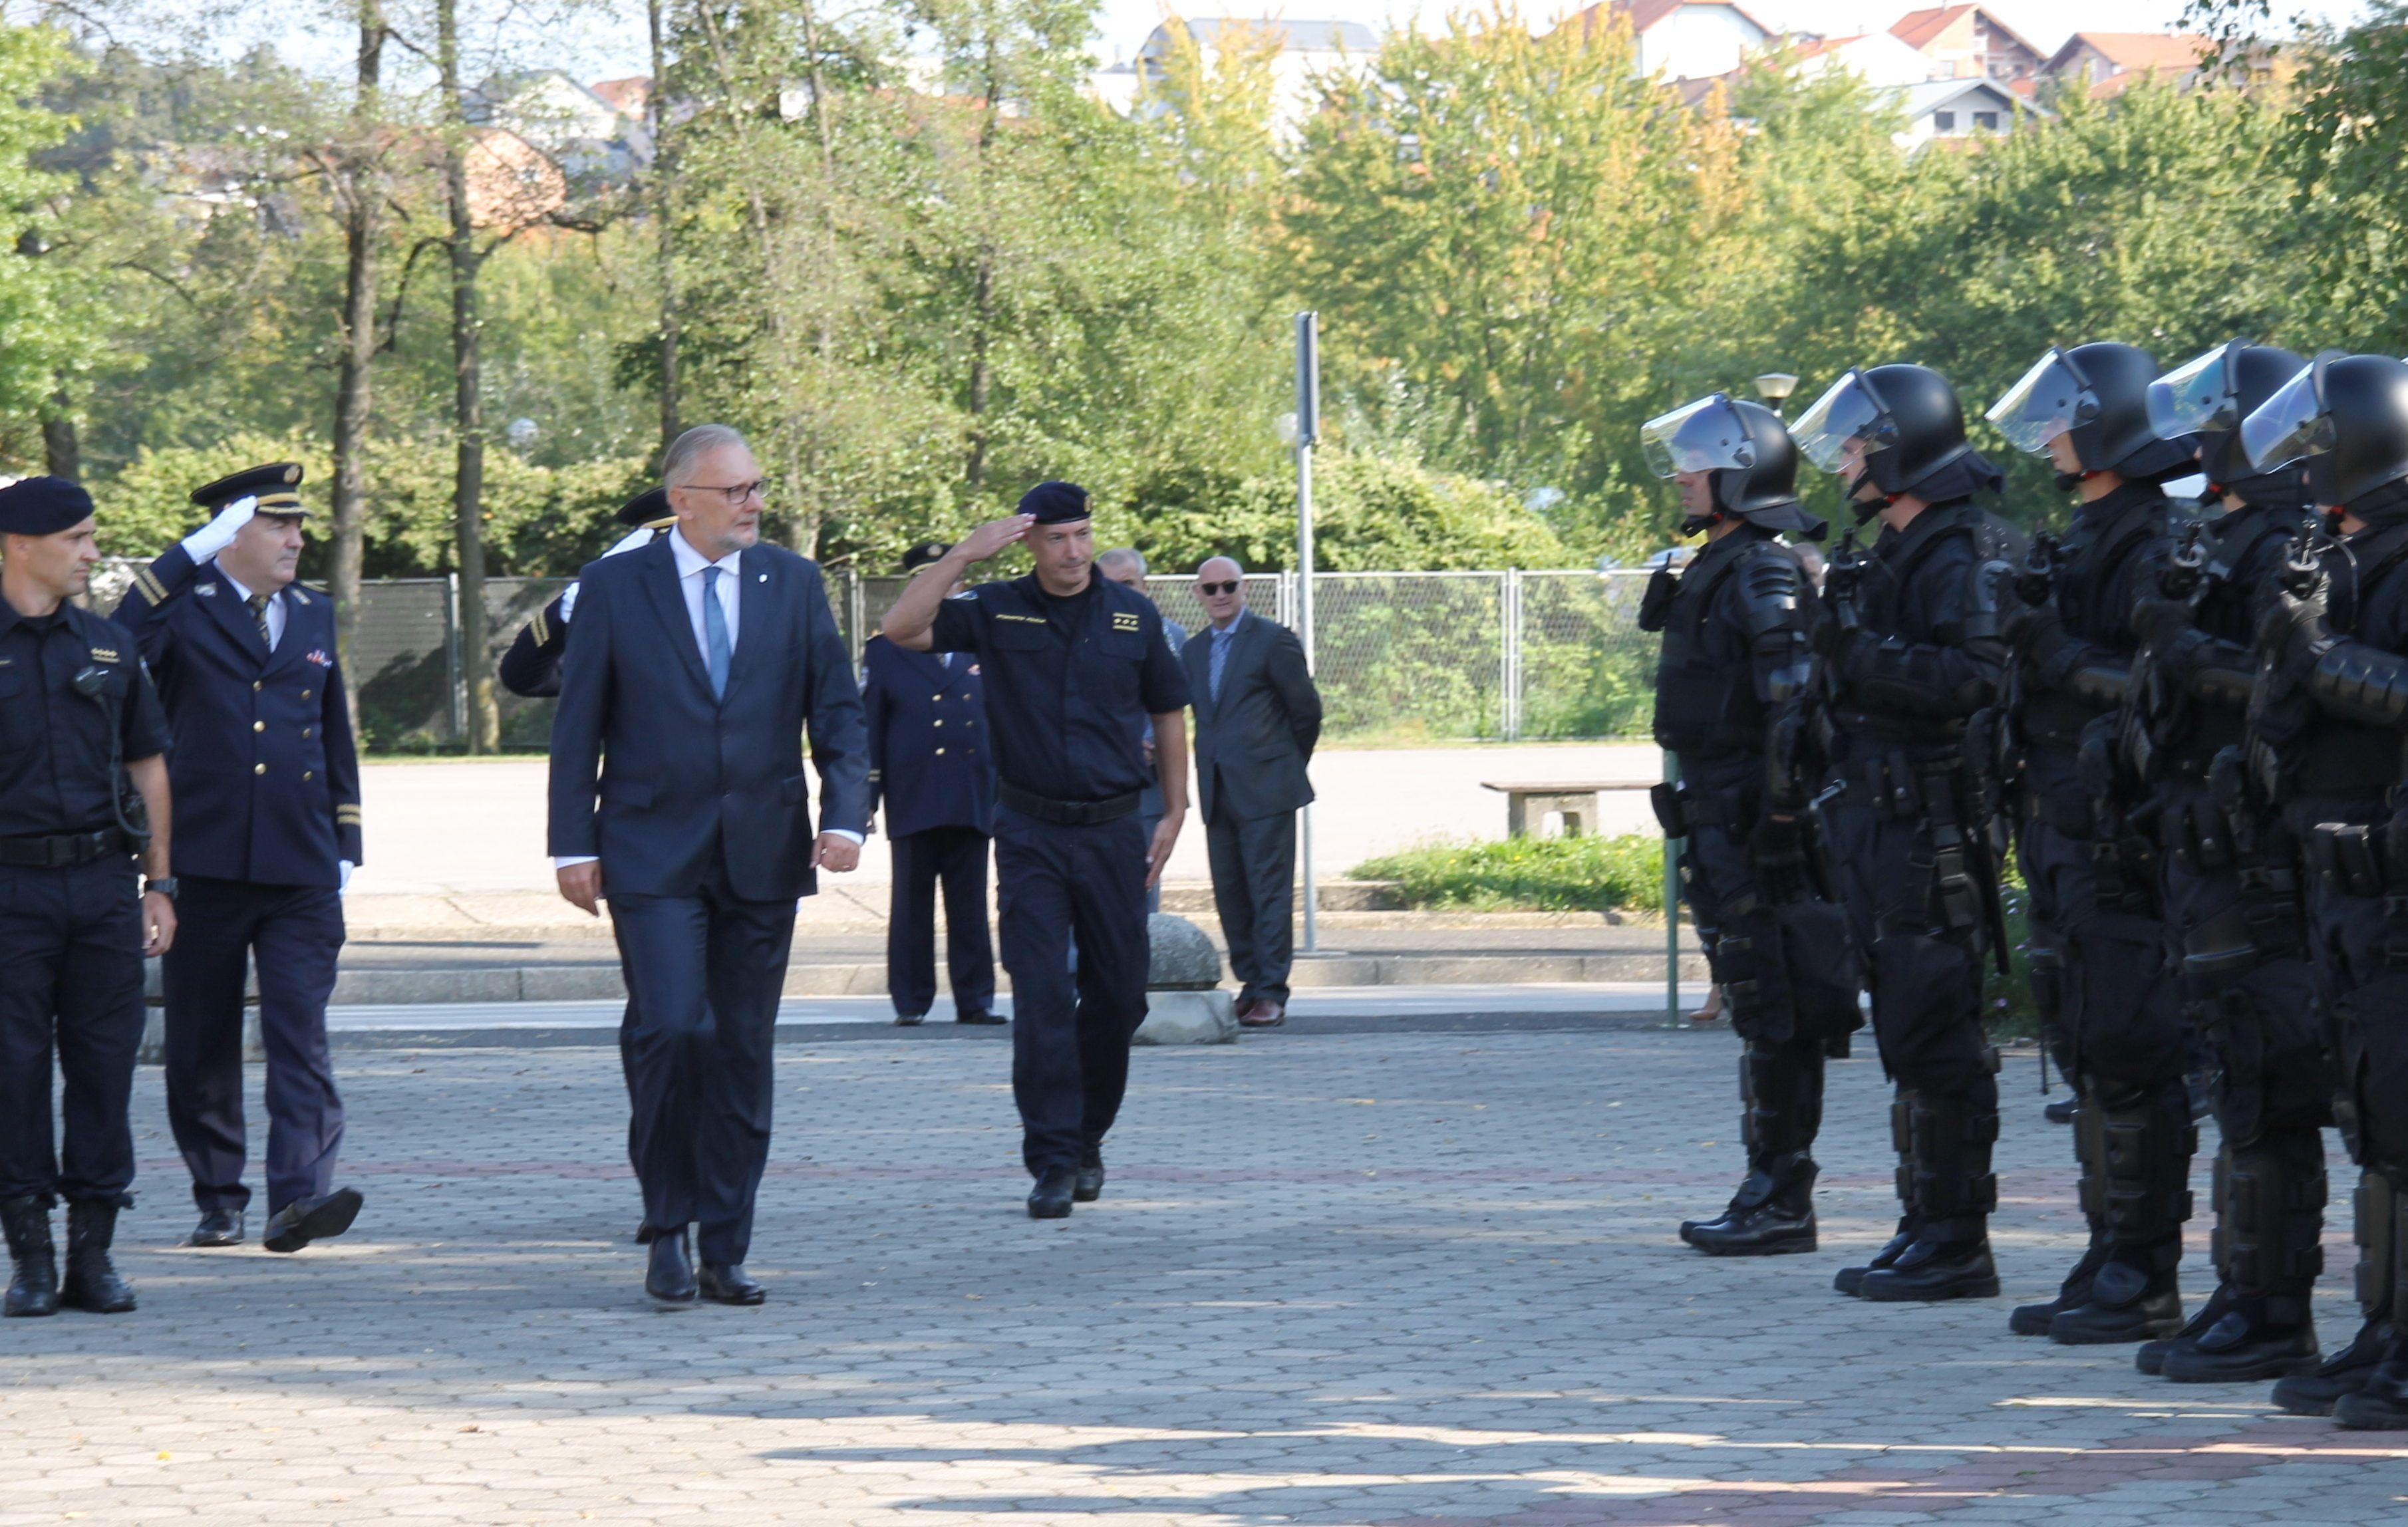 PUCAJU OD PONOSA: Hrvatska policija dobila mjesto potpredsjednika Vlade RH